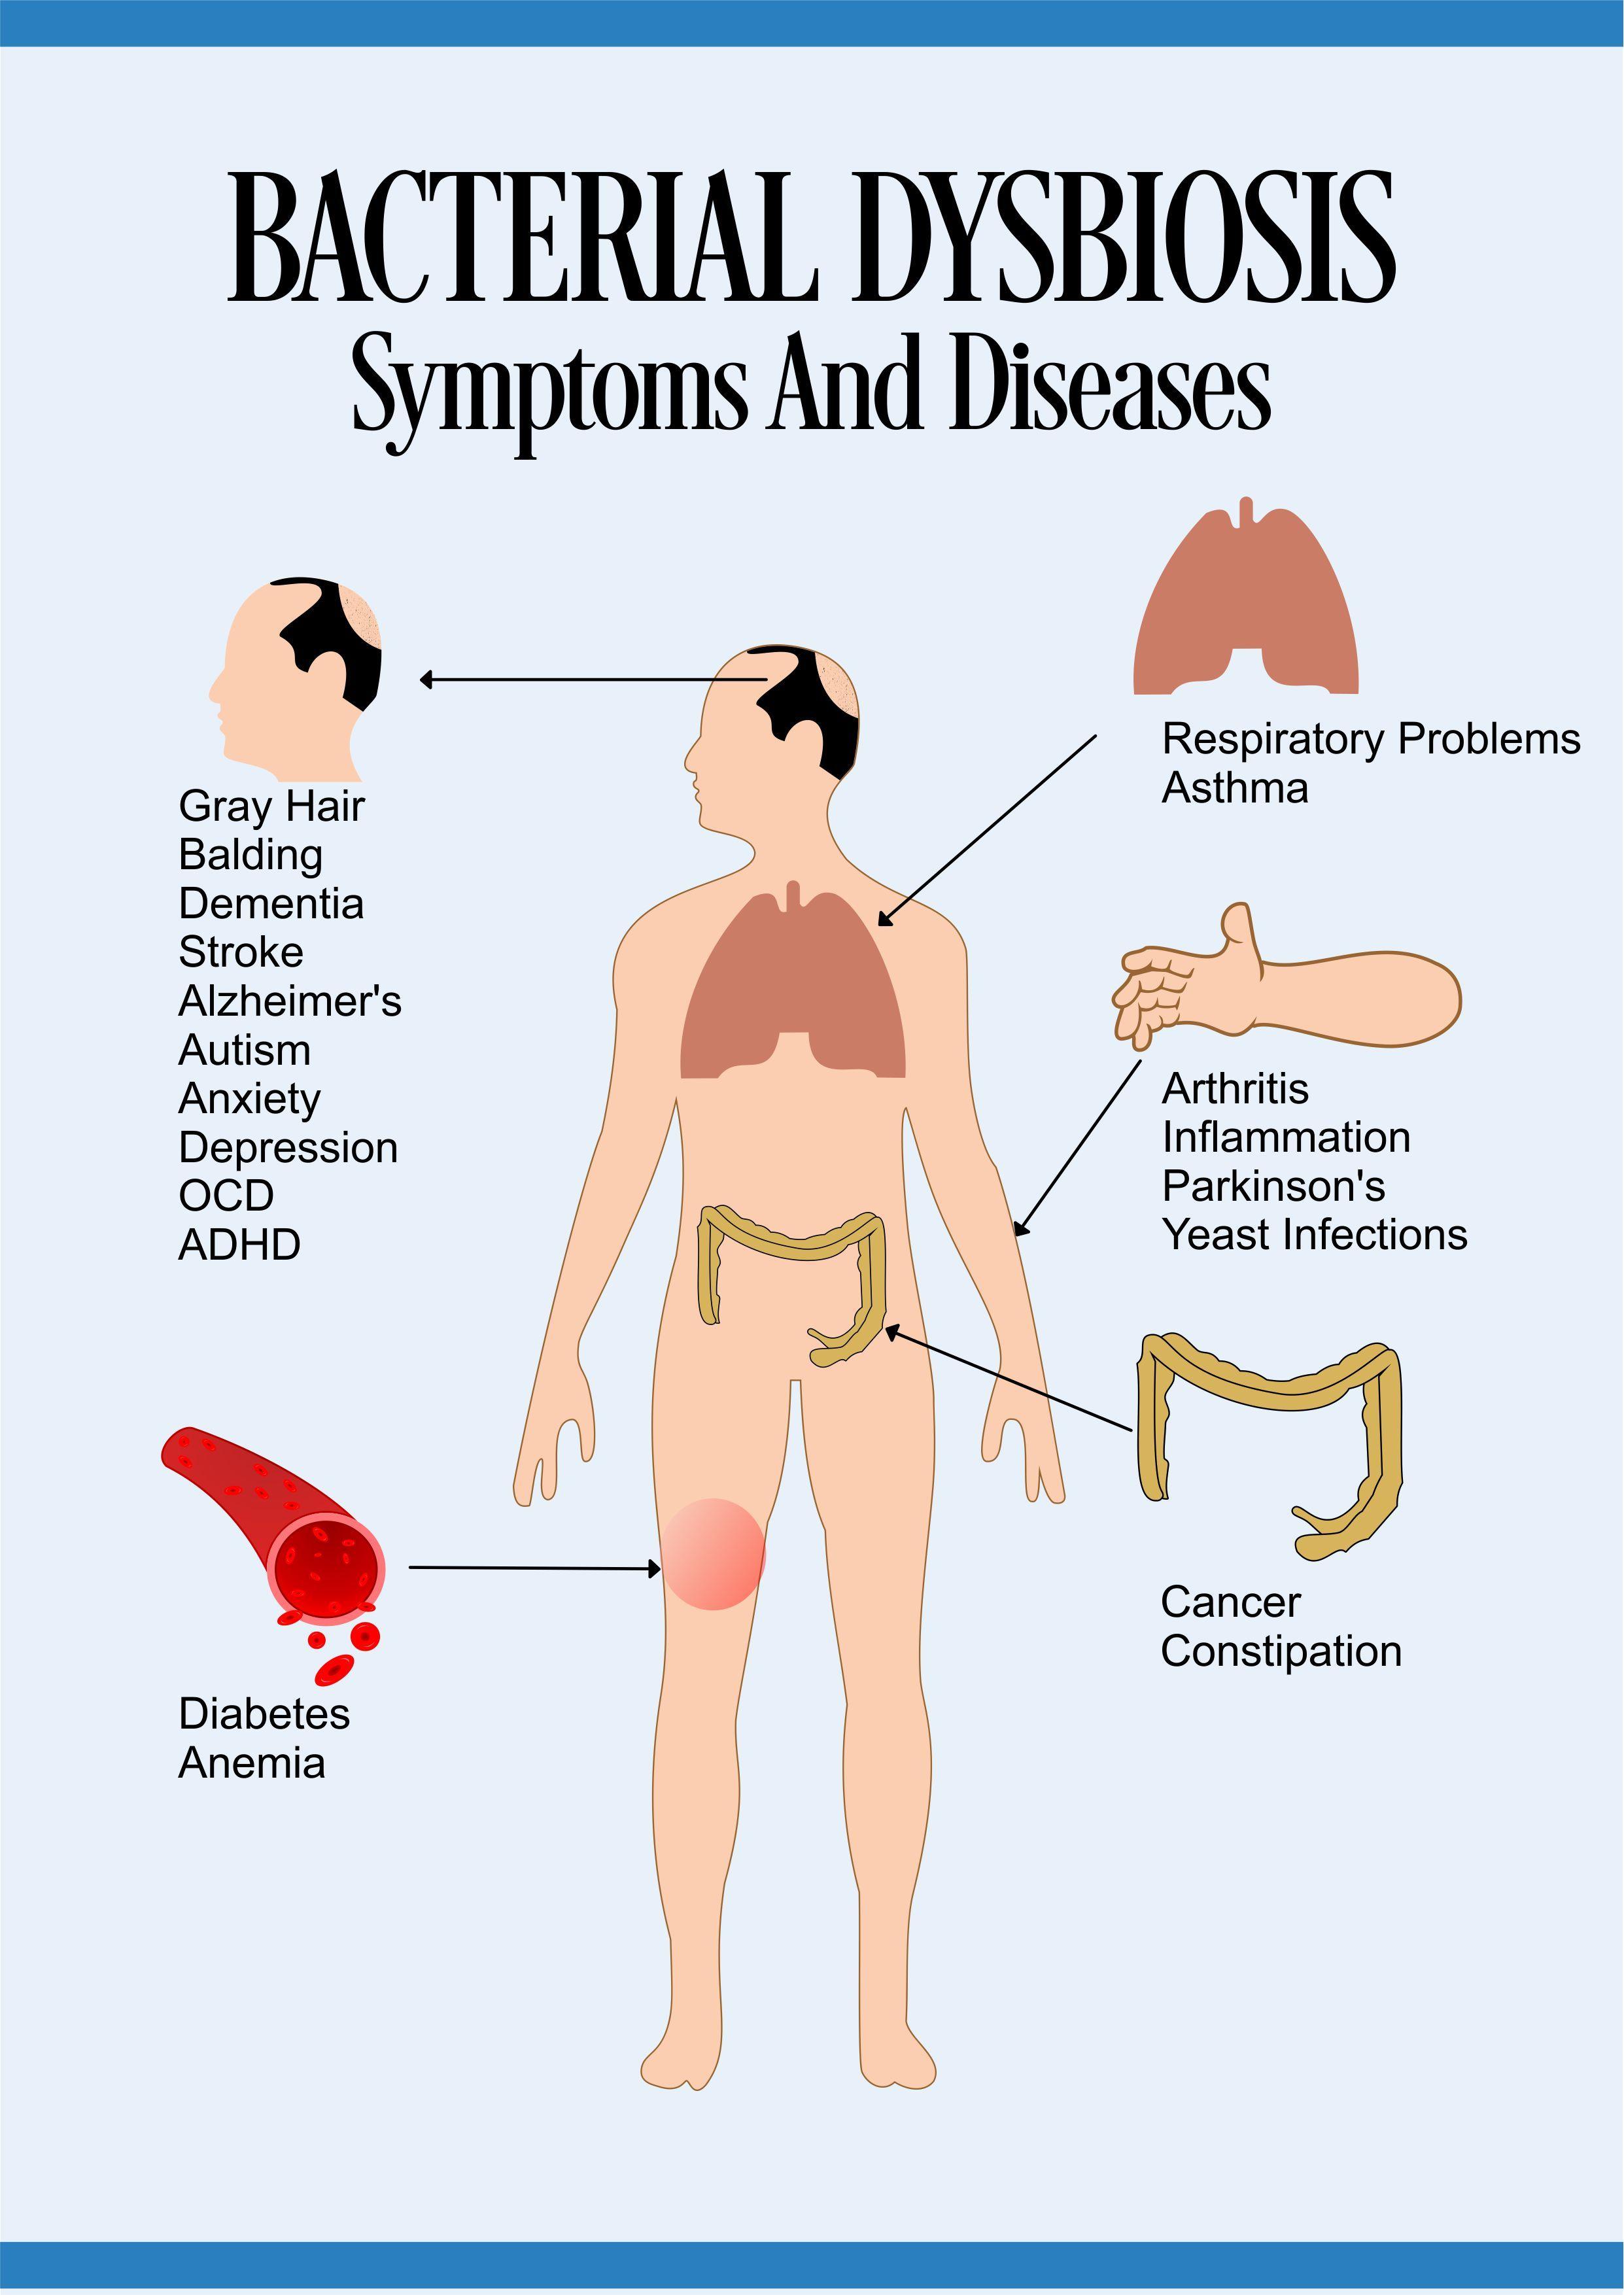 Kontaminált vékonybél vagy Candida? - Egyéb